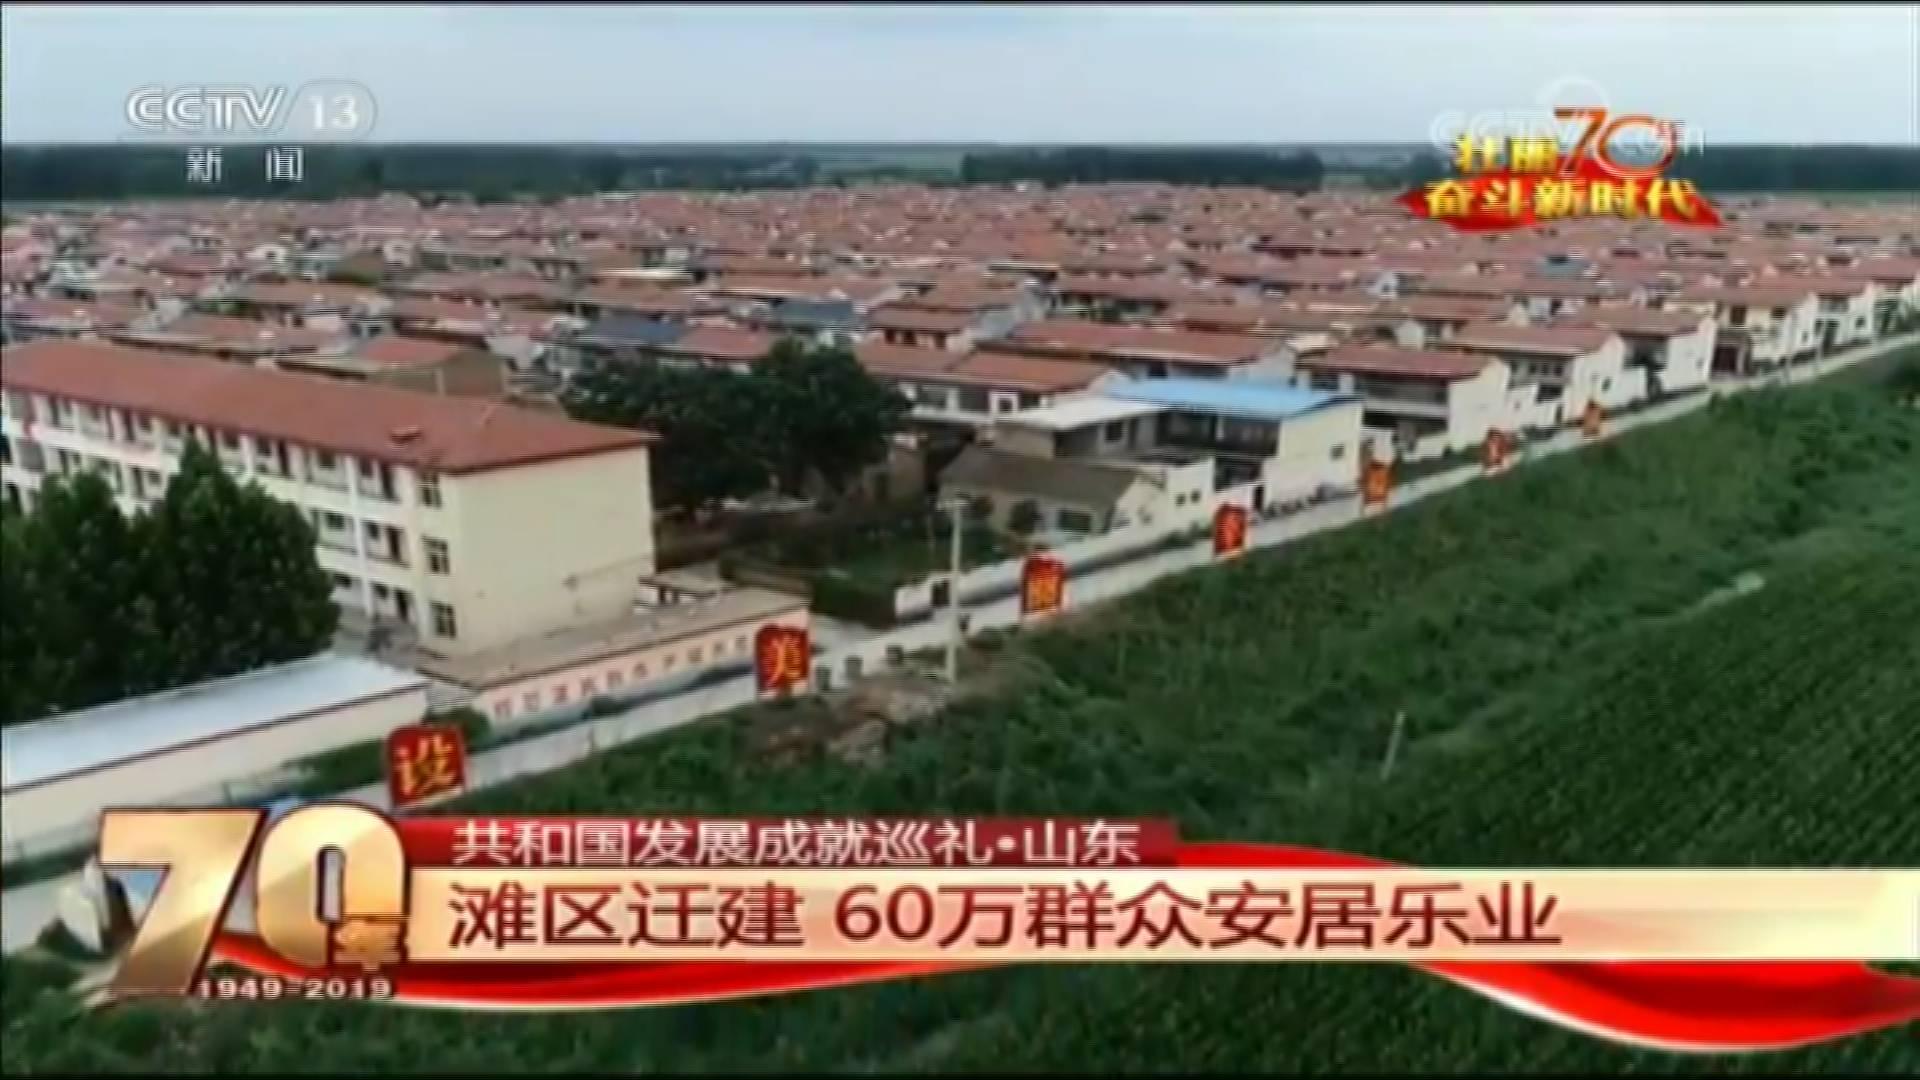 共和国发展成就巡礼•山东篇丨东明县:滩区迁建 60万群众安居乐业